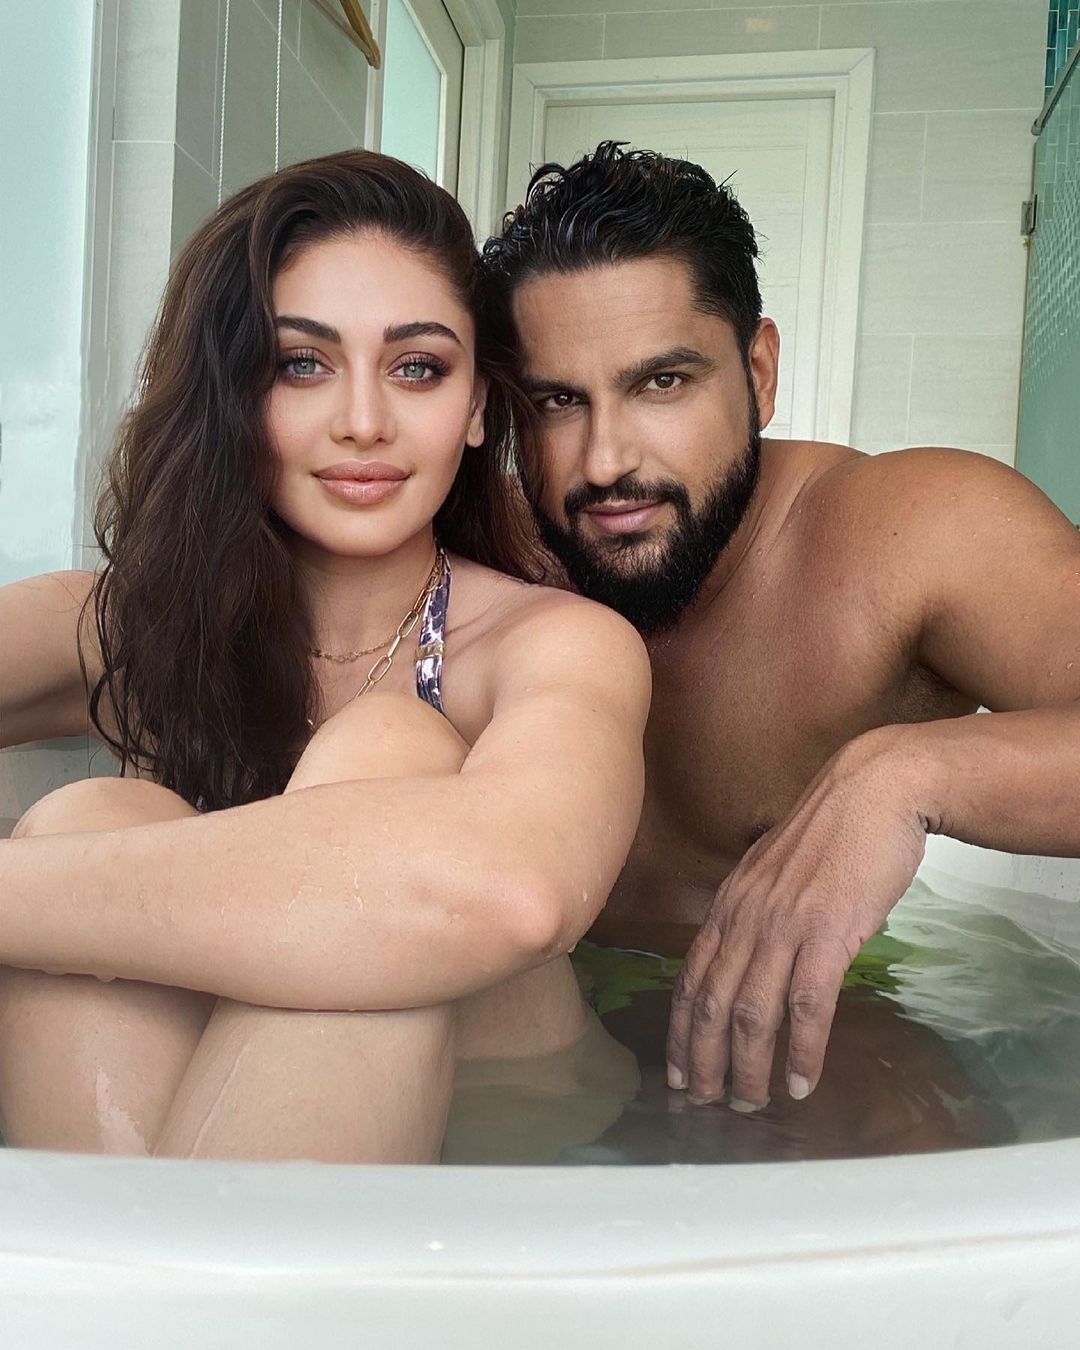 Shefali jariwala and parag tyagi photo